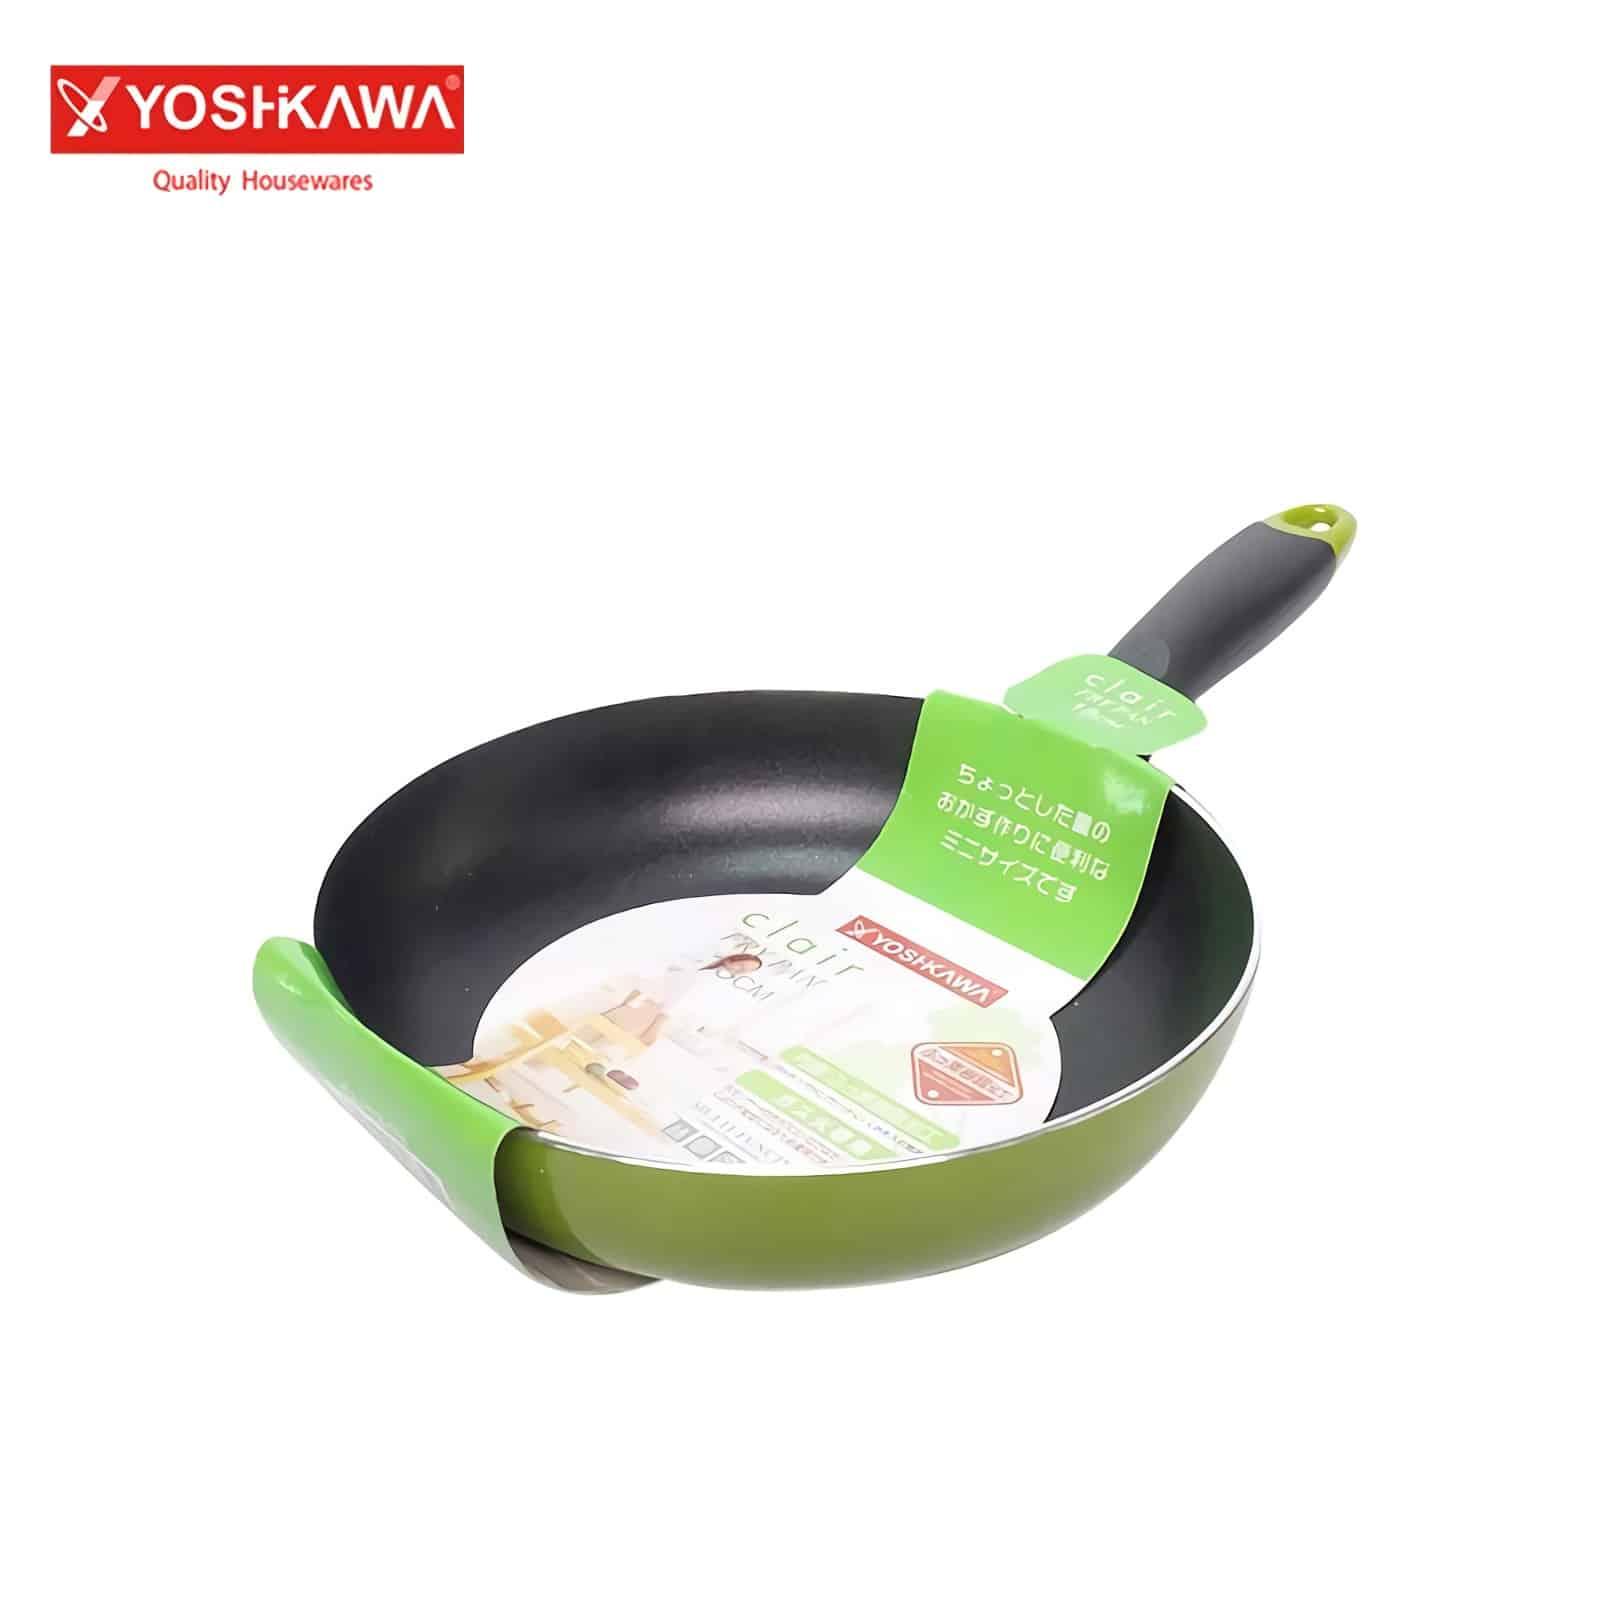 Yoshikawa-Wok-Pan-EVL-CL-12-04